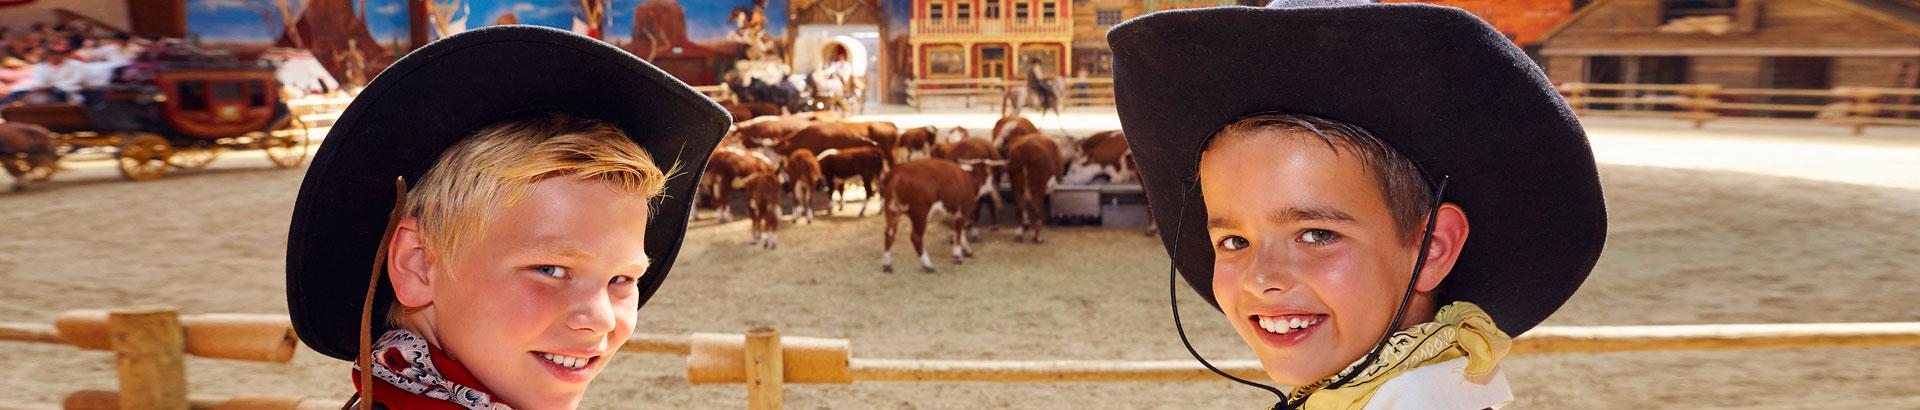 Cowboyshowgoed